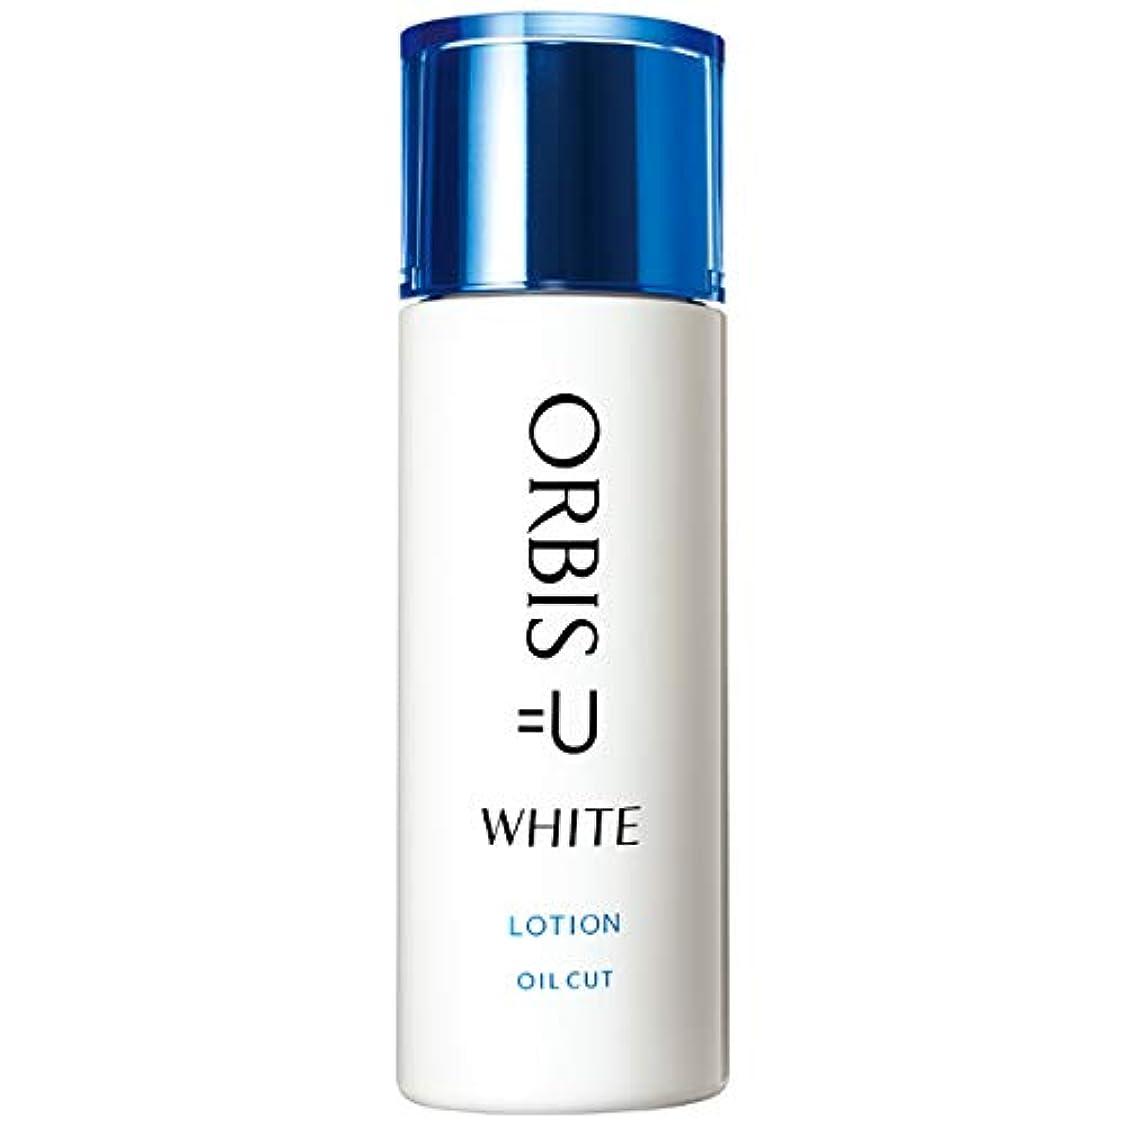 スローガンしてはいけません肘掛け椅子オルビス(ORBIS) オルビスユー ホワイト ローション 180mL 化粧水 [医薬部外品]